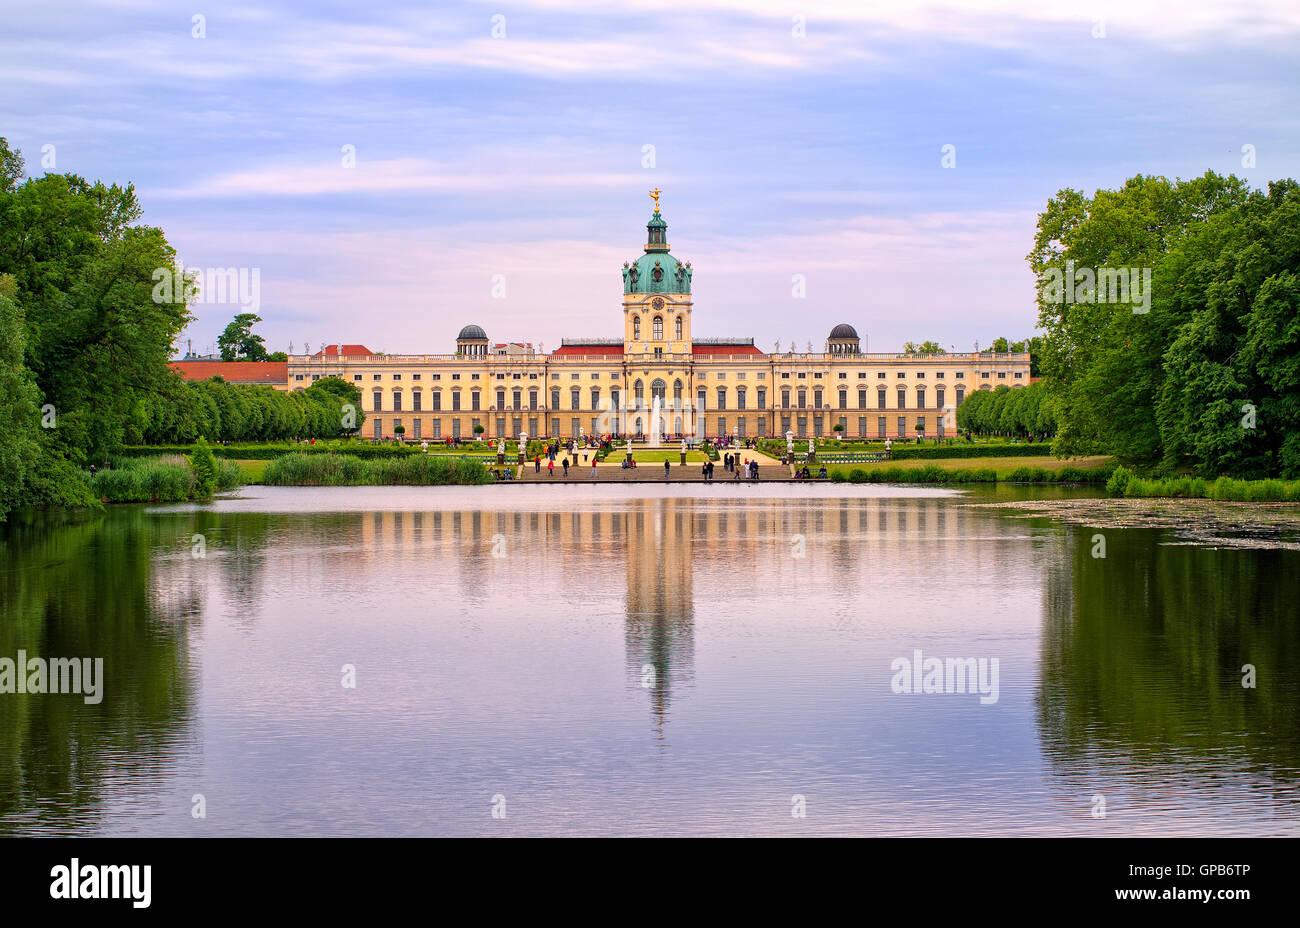 Königliche Schloss Charlottenburg In Berlin Deutschland Ansicht